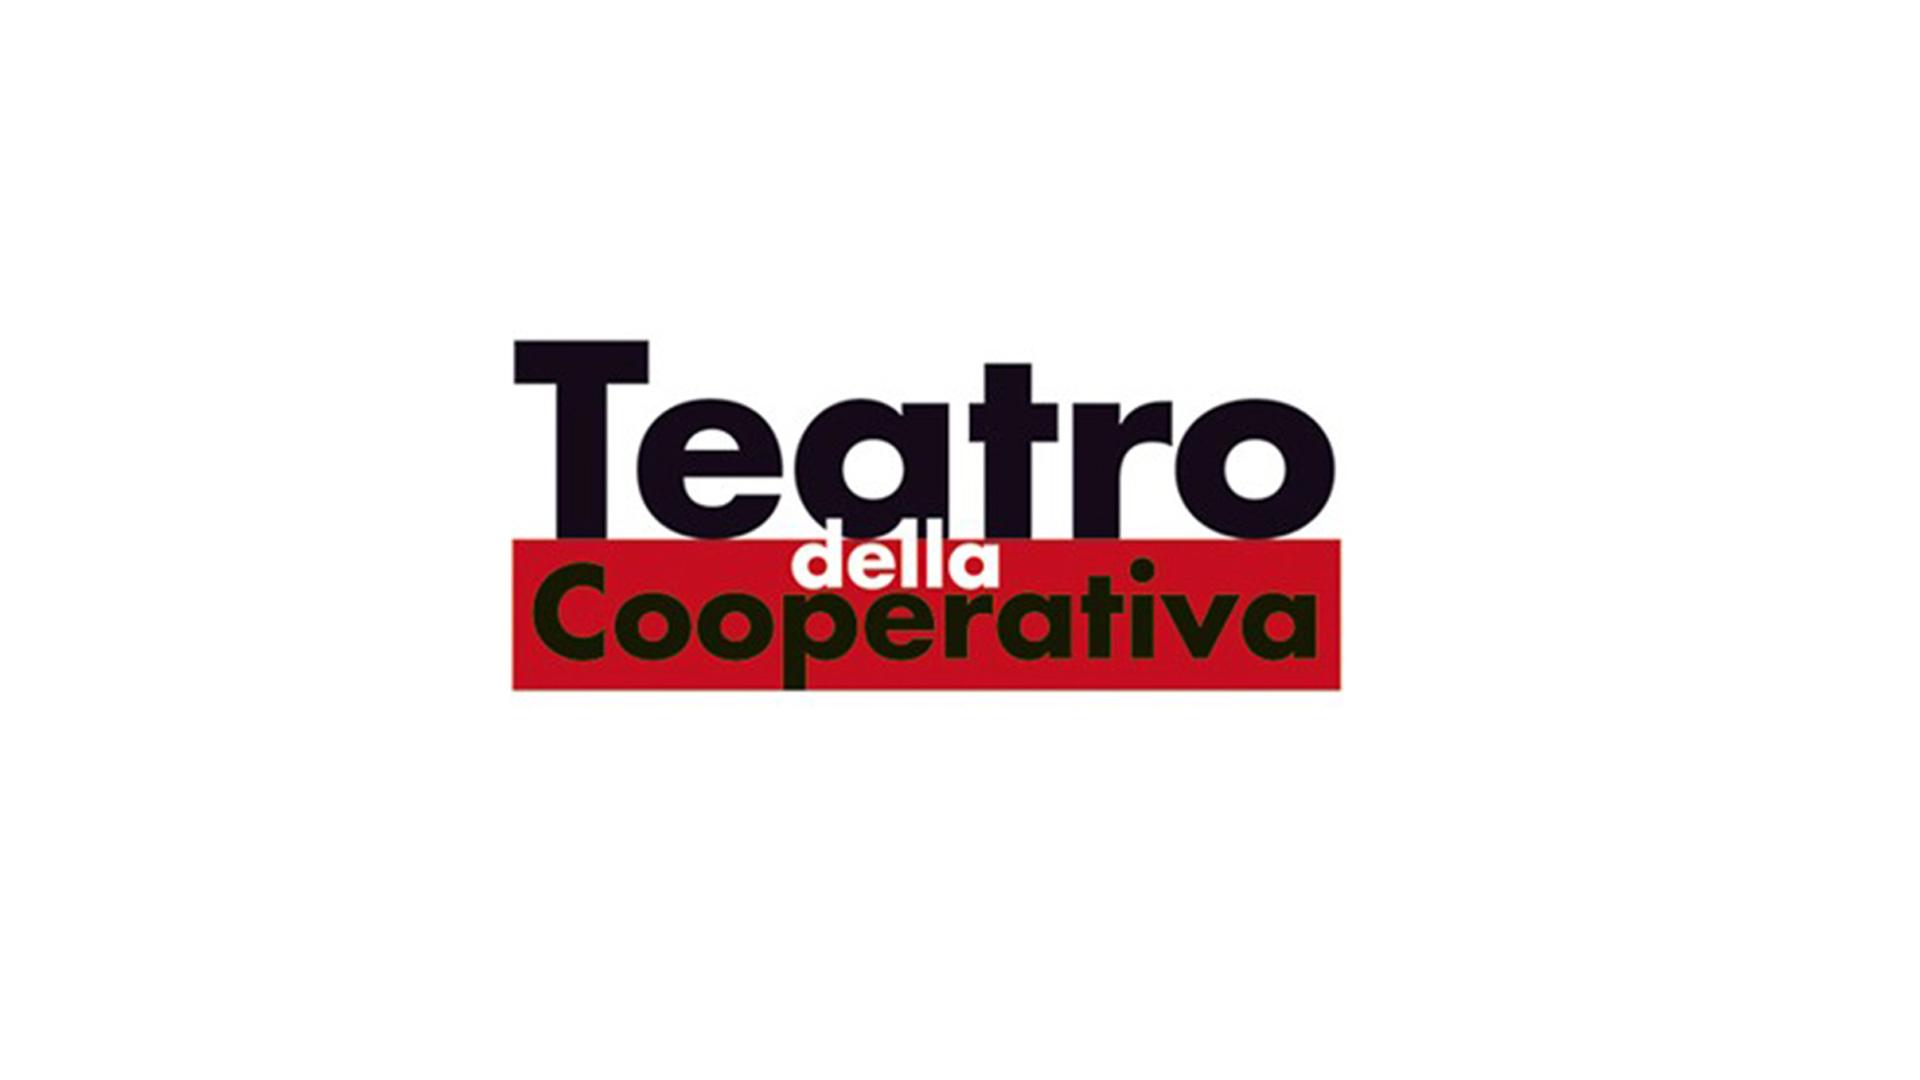 Teatro della Cooperativa - Delta Ecopolis